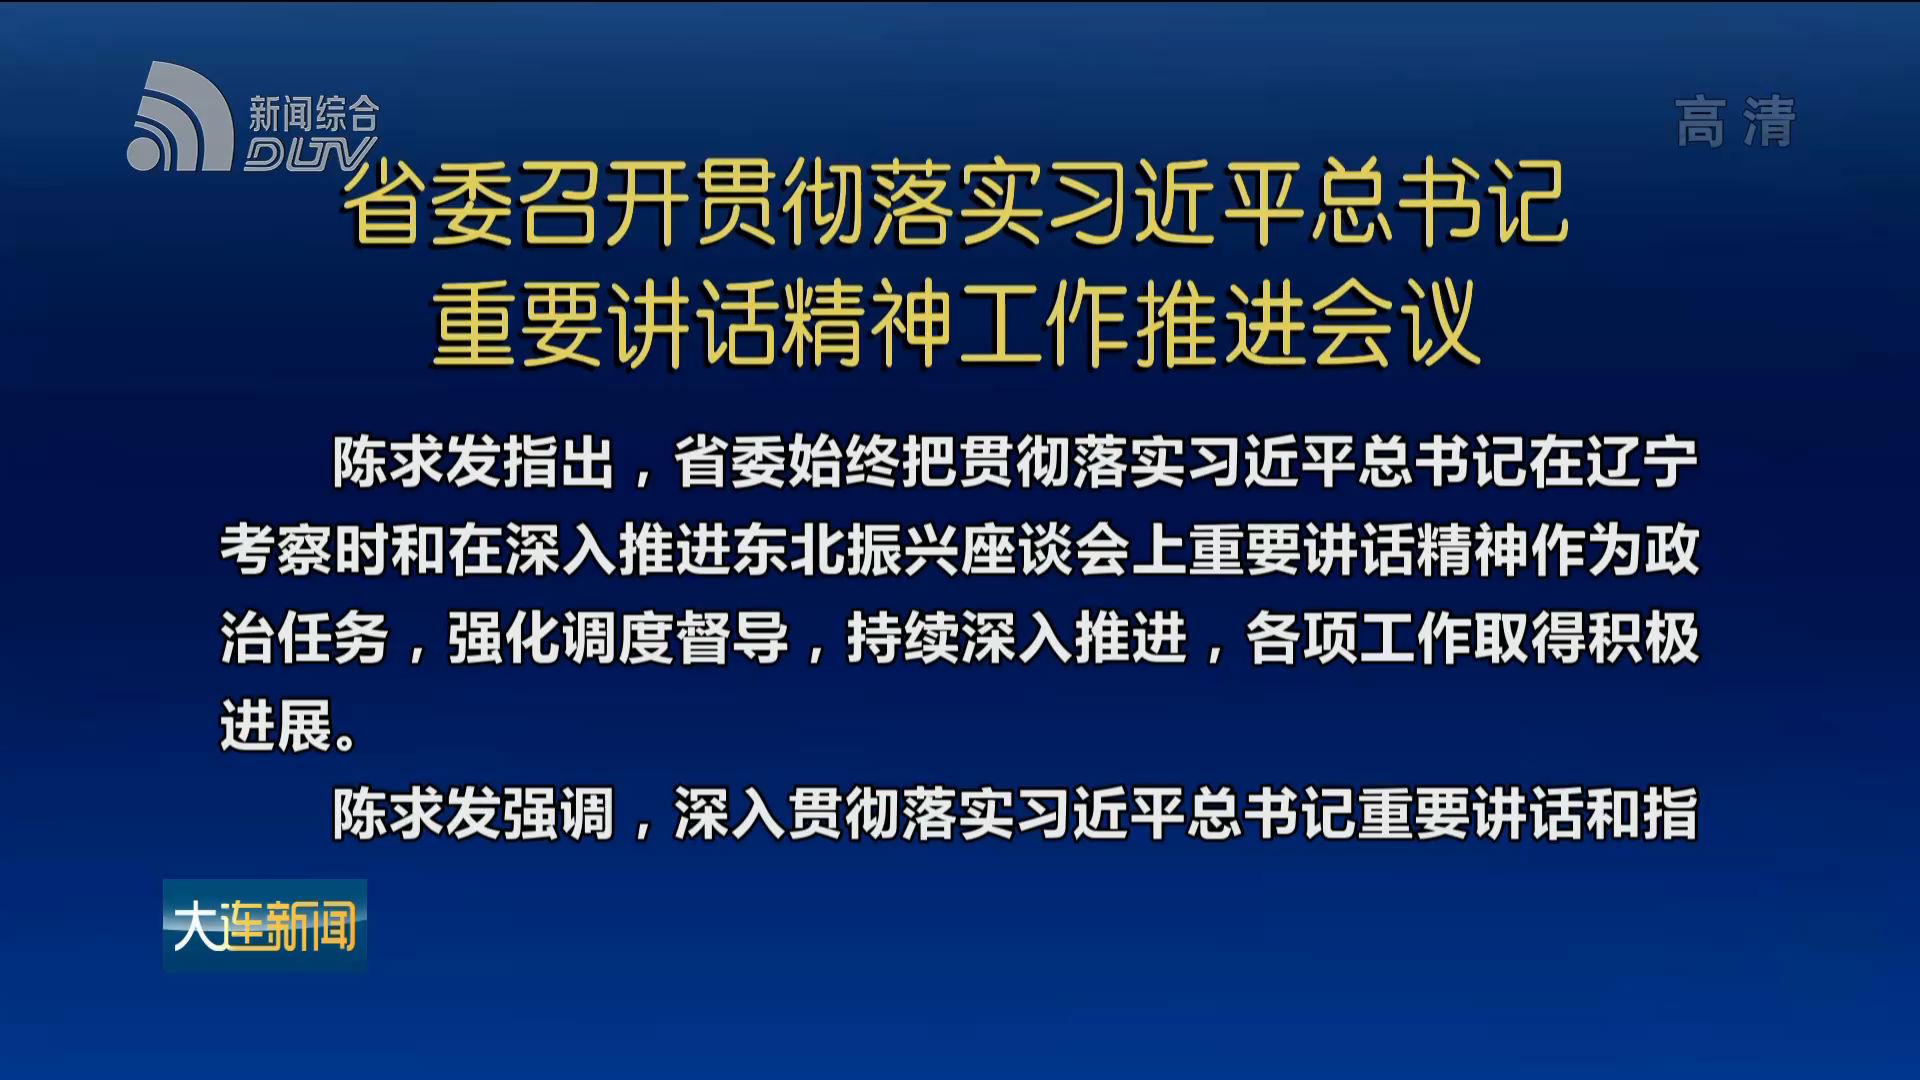 省委召開貫徹落實總書記重要講話精神工作會